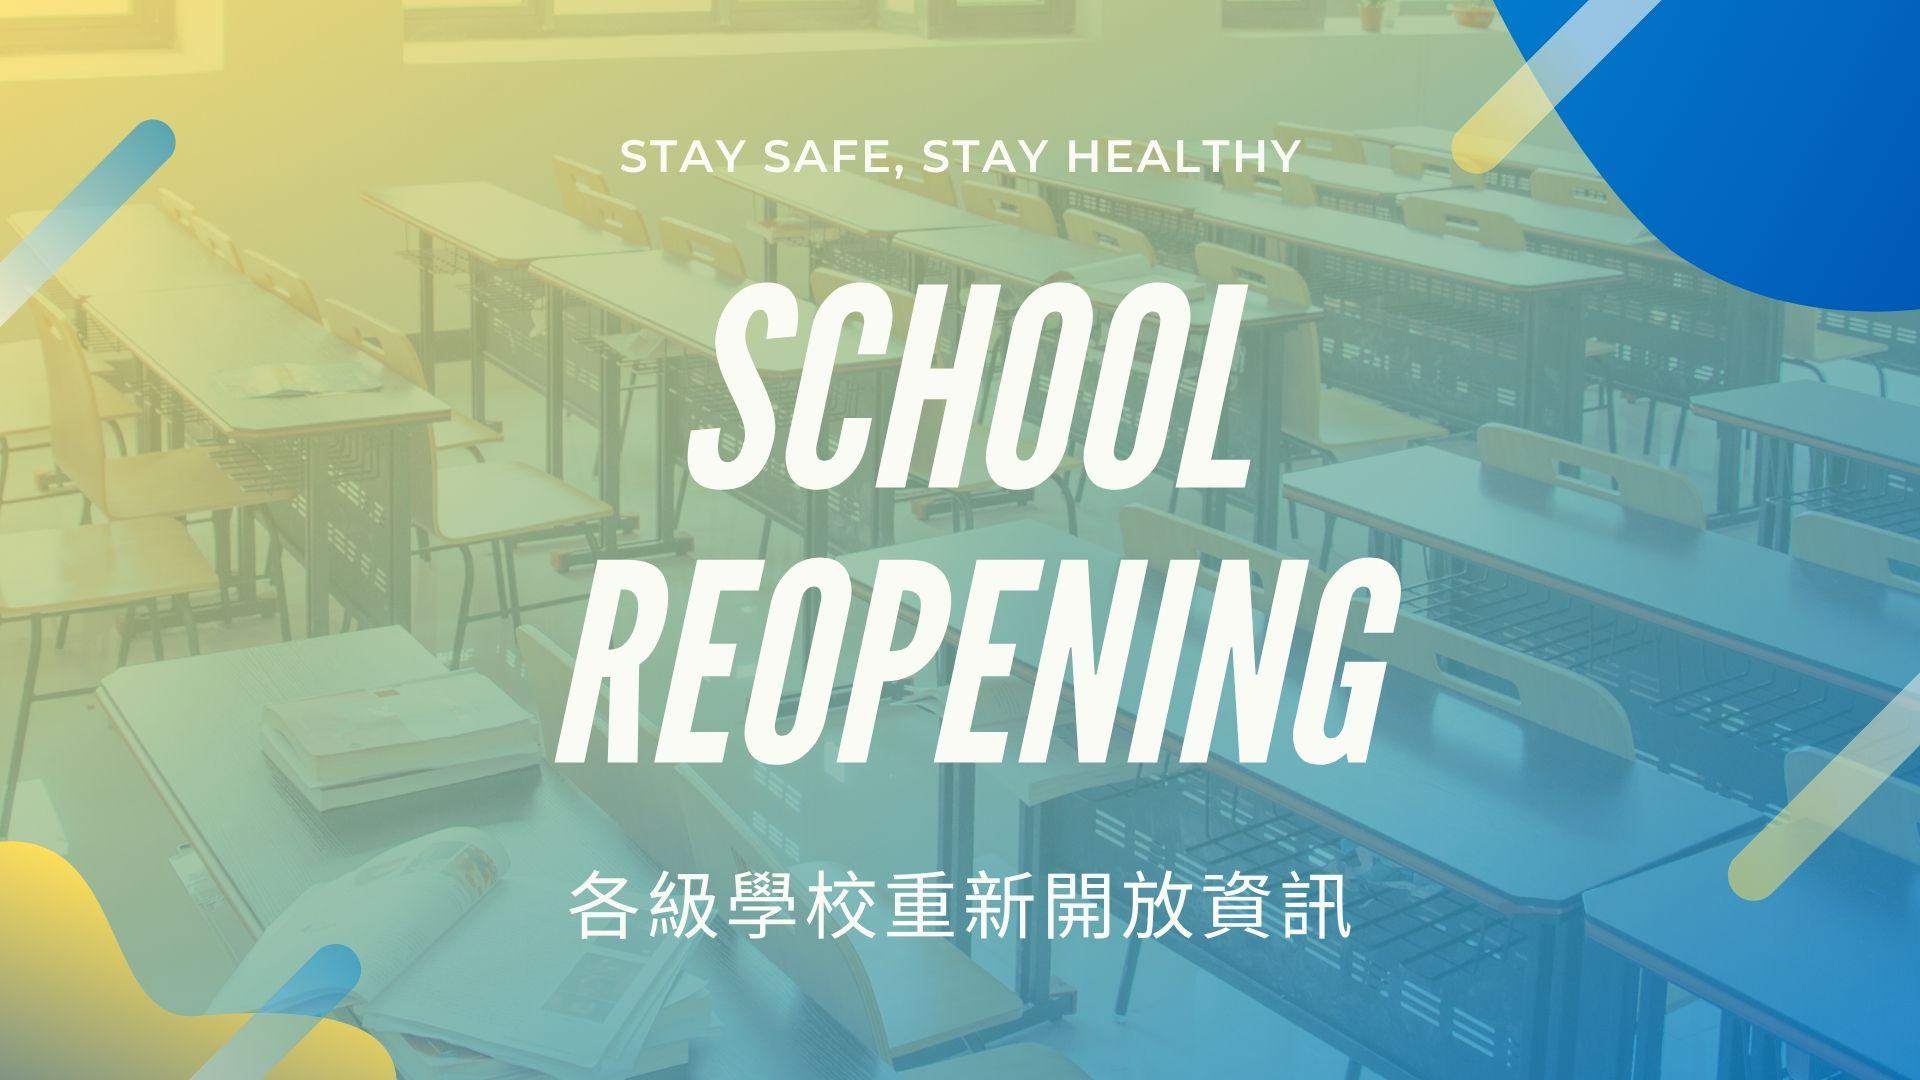 加拿大各級學校重新開放資訊 | DLI學校清單 | COVID-19 |專科大學 |